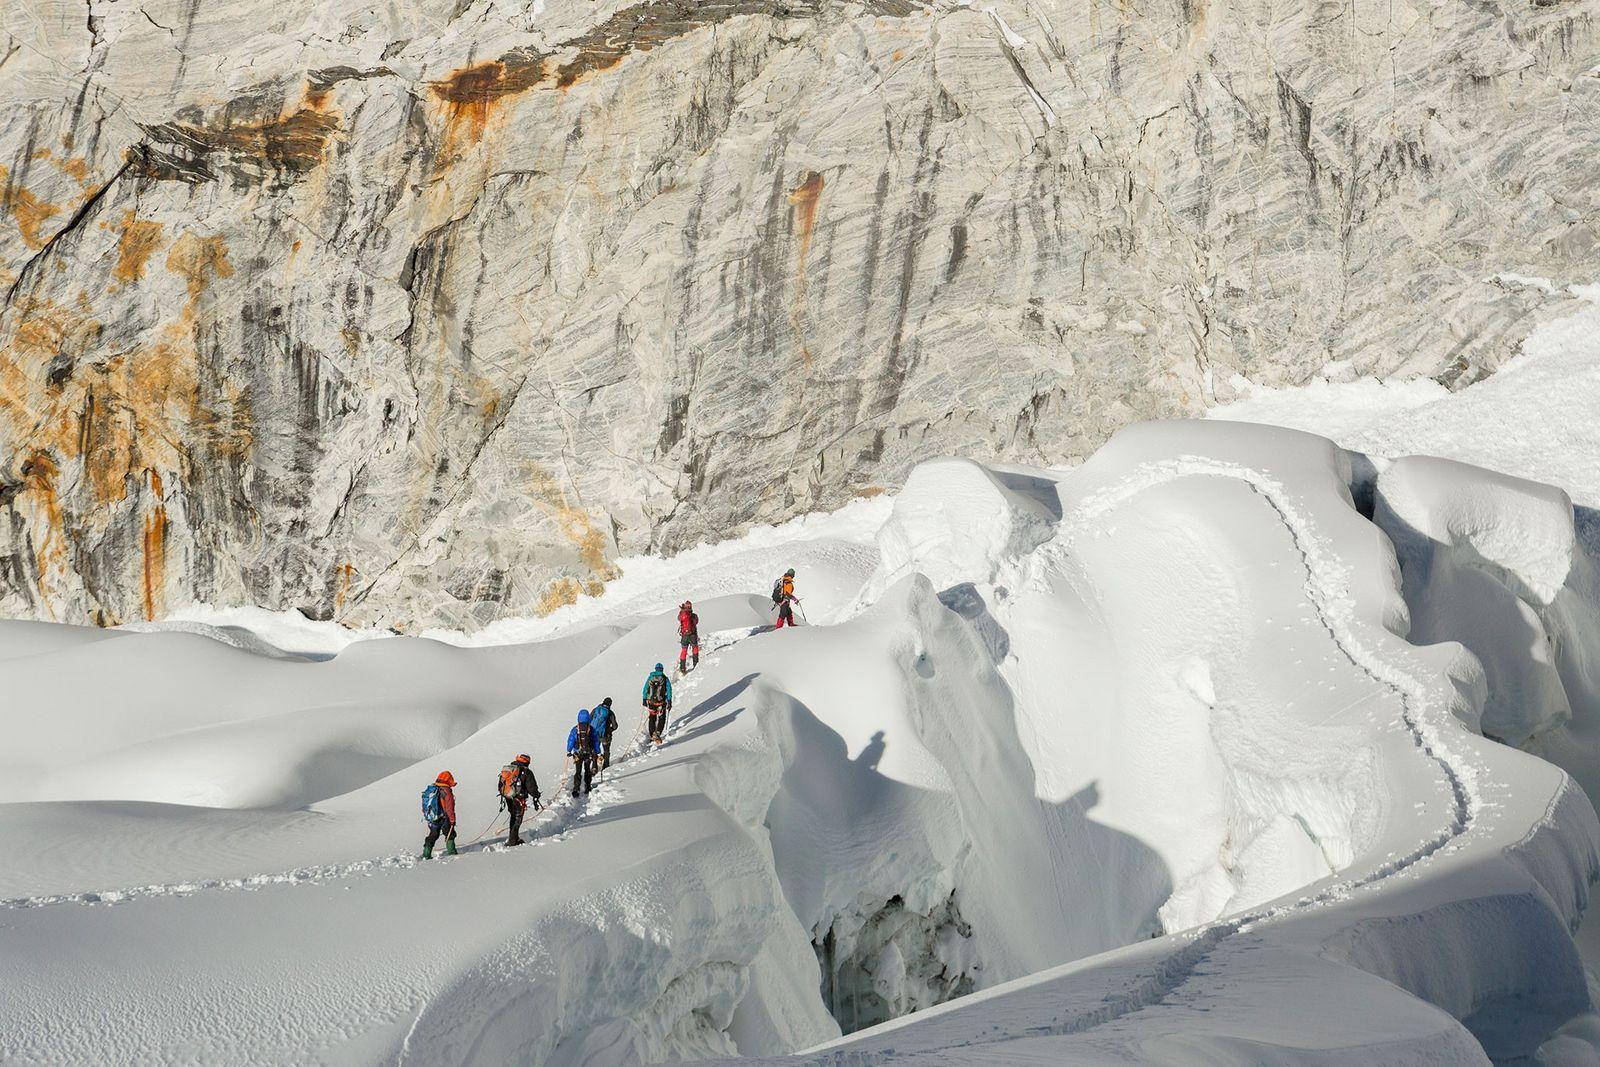 Imagen de guías de montañismo y montañeros en Imja Tse, Nepal